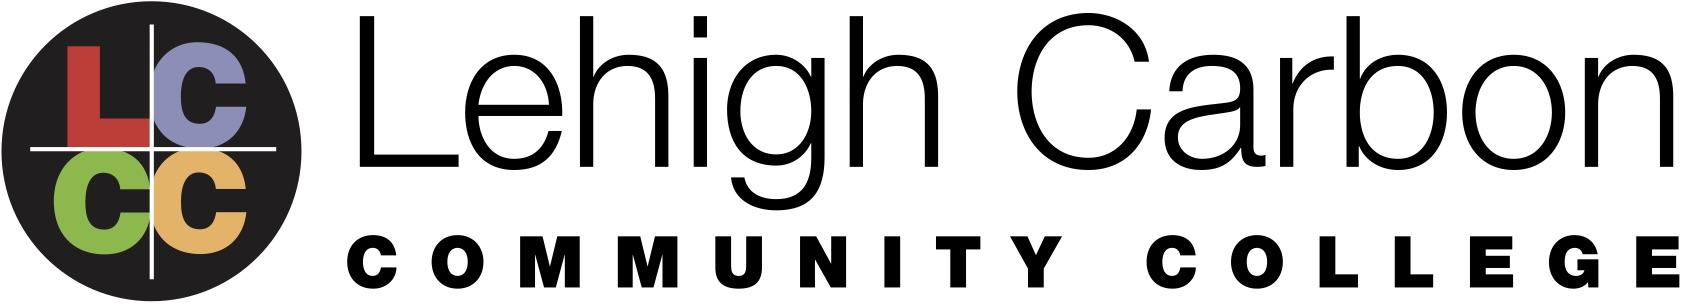 Lehigh Carbon Community College | Schnecksville, PA 18078